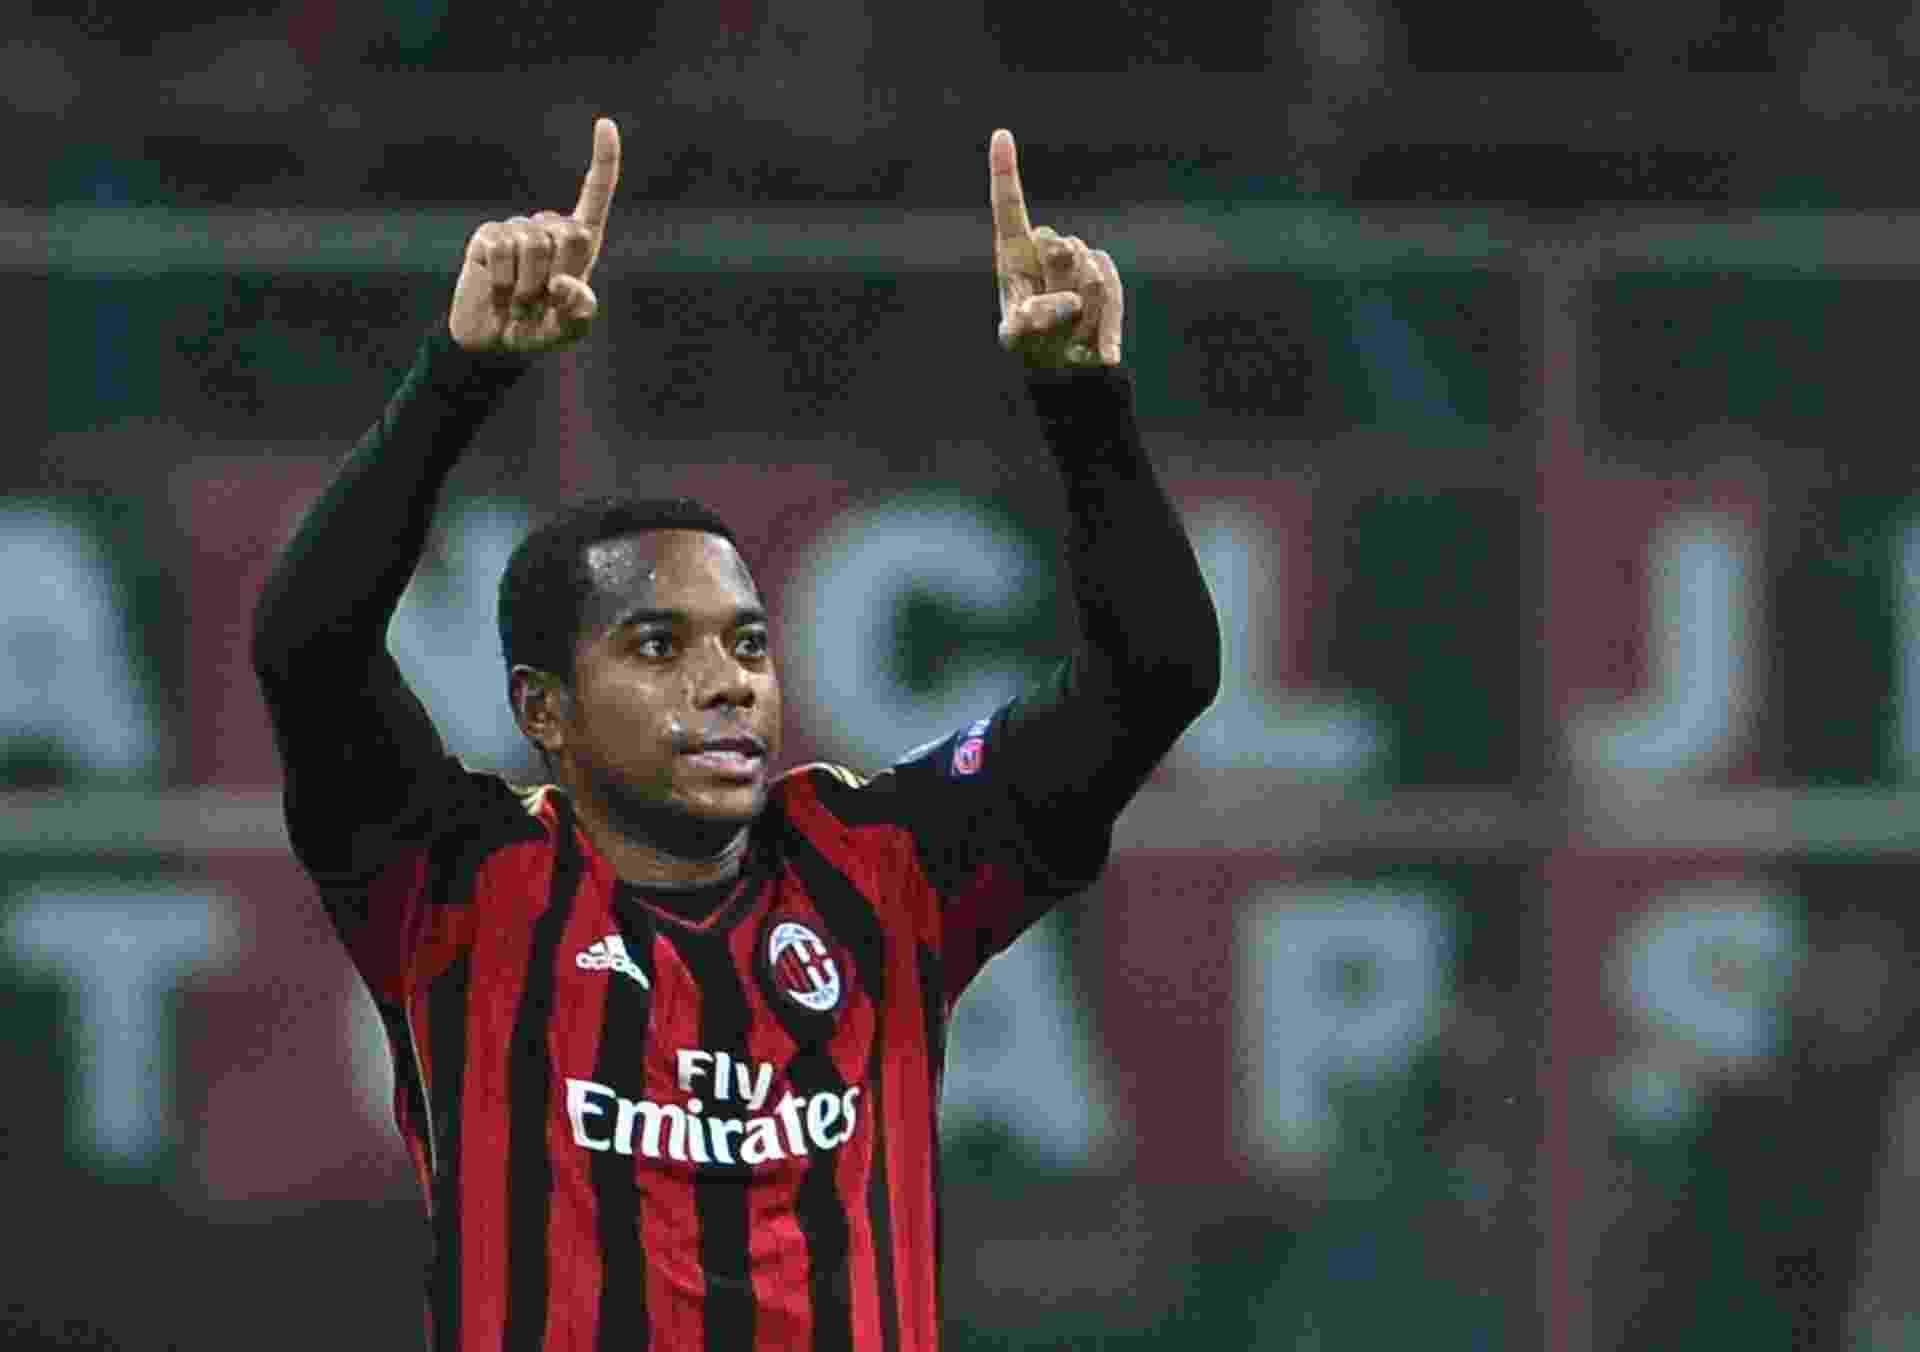 22.out.2013 - Robinho comemora gol do Milan sobre o Barcelona pela Liga dos Campeões - AFP PHOTO / GIUSEPPE CACACE